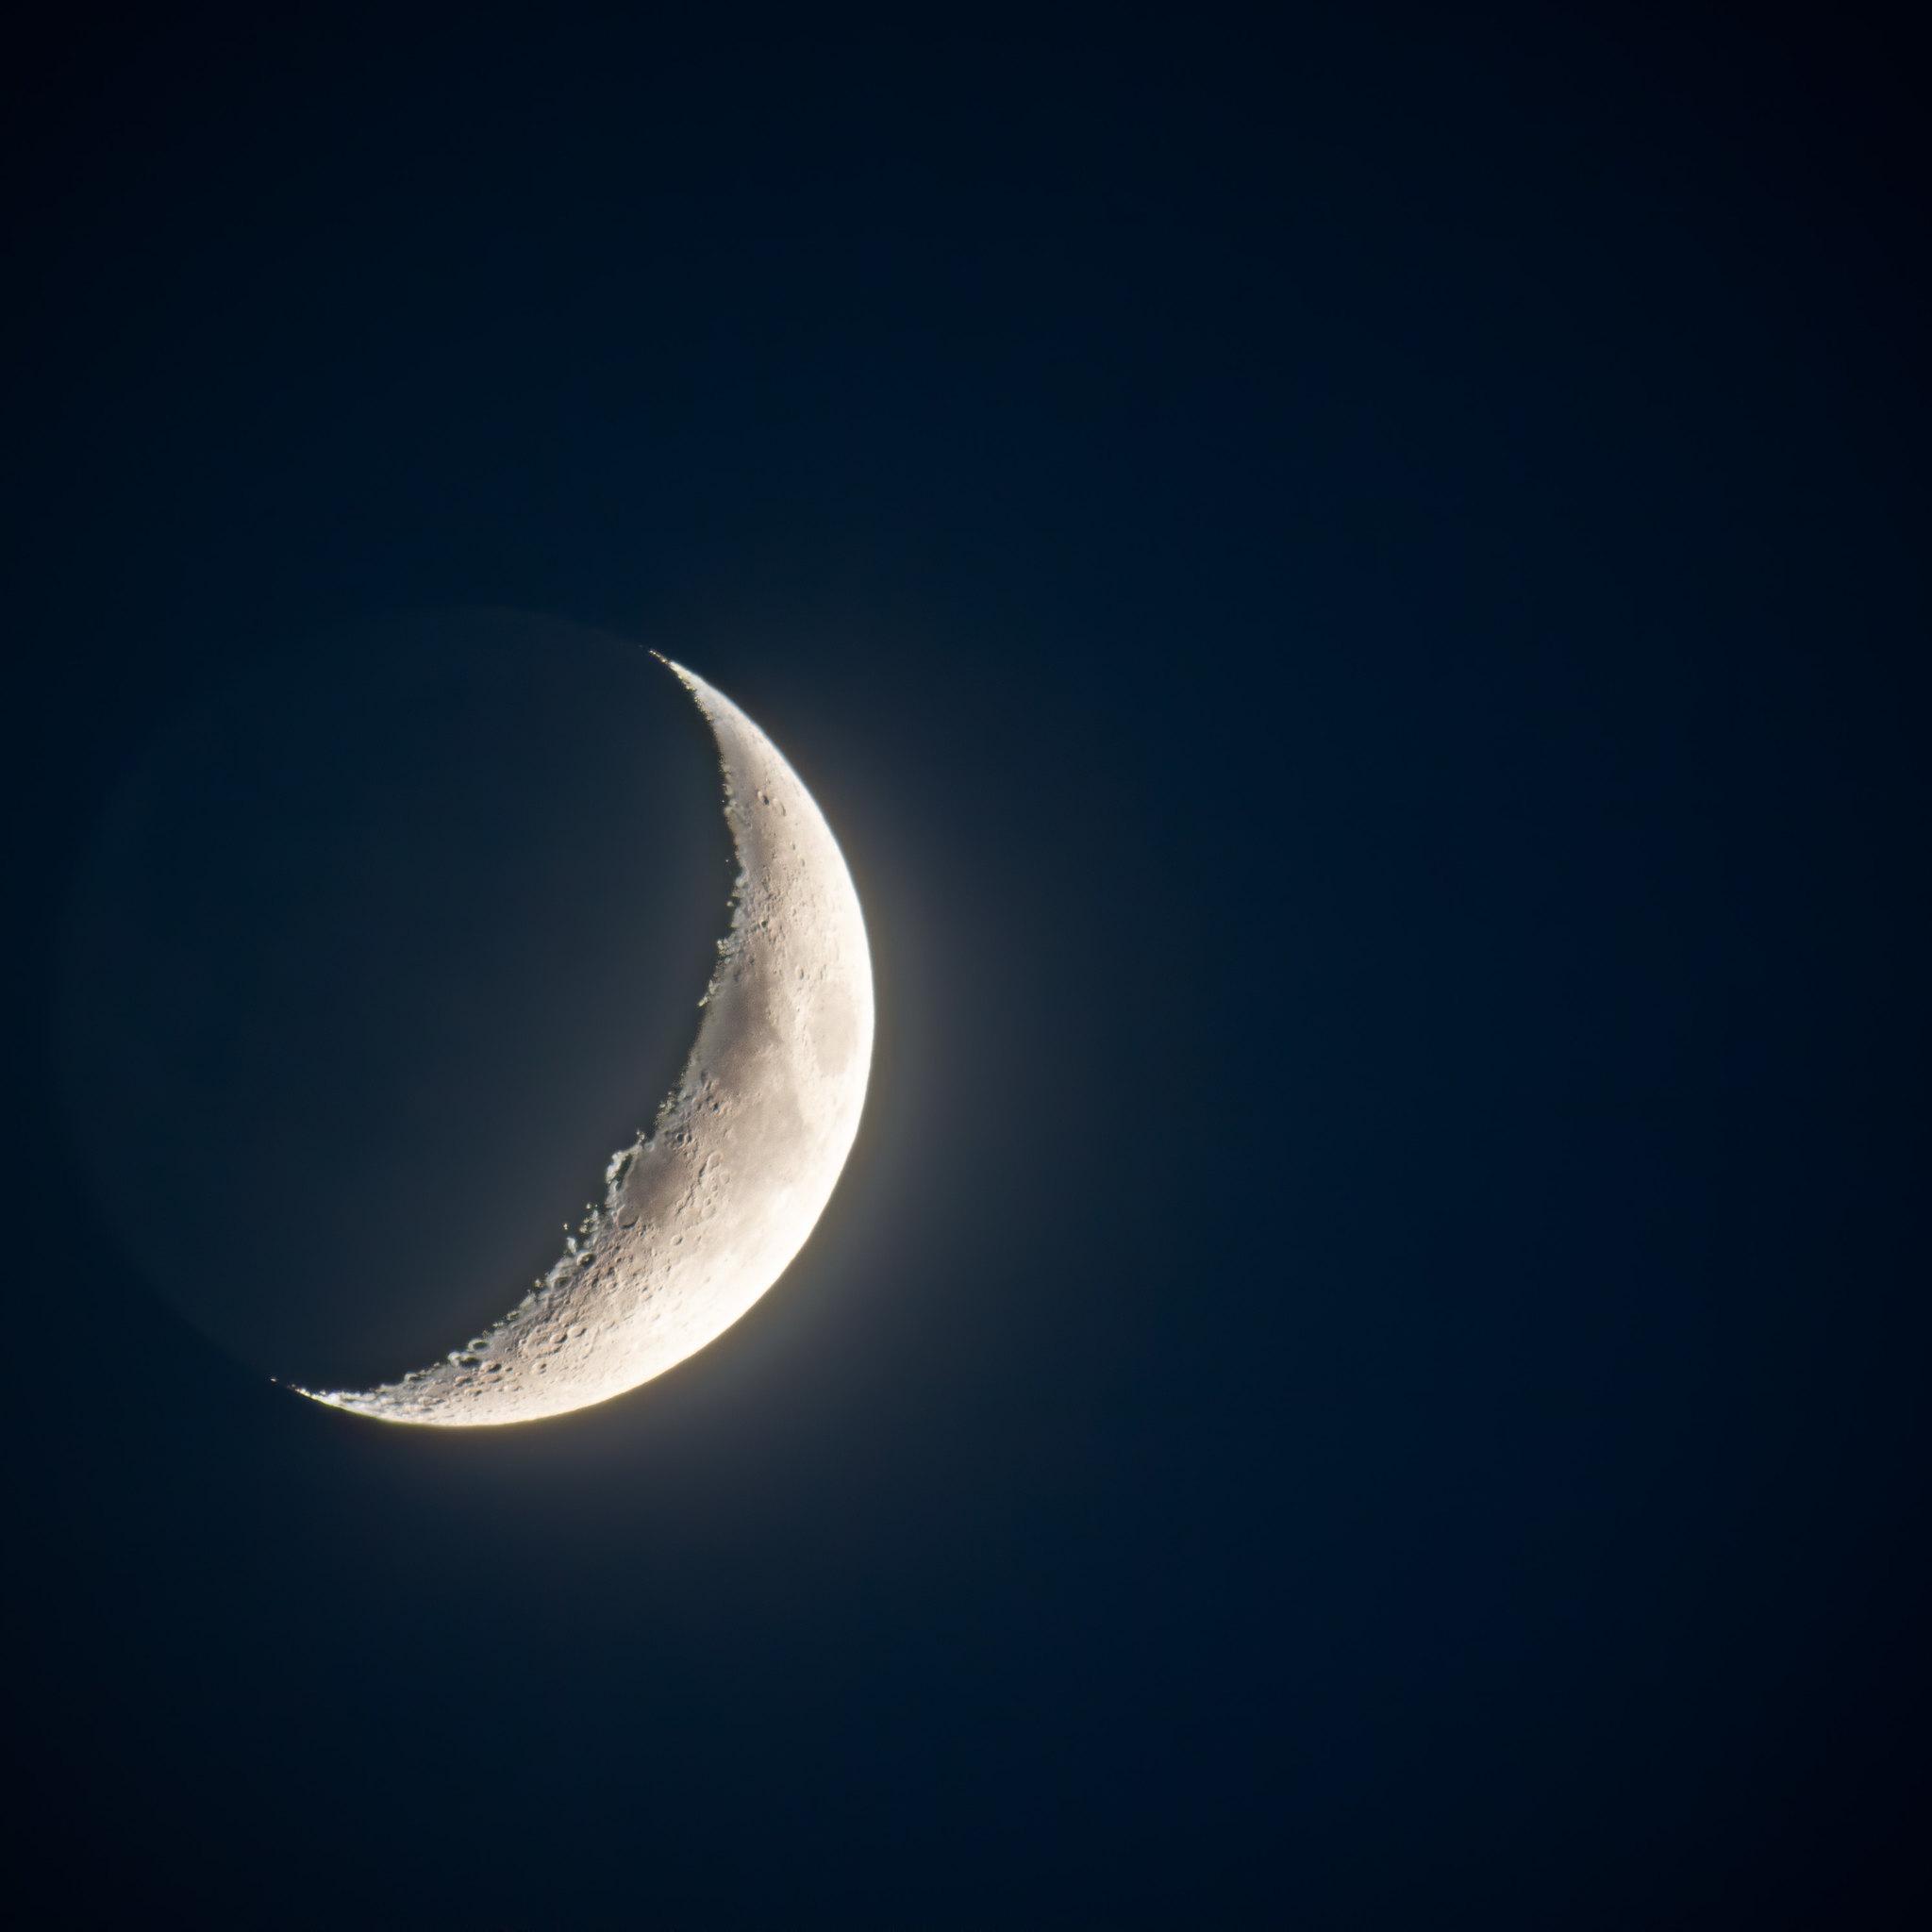 81811 скачать обои Луна, Небо, Ночь, Темные, Тень - заставки и картинки бесплатно